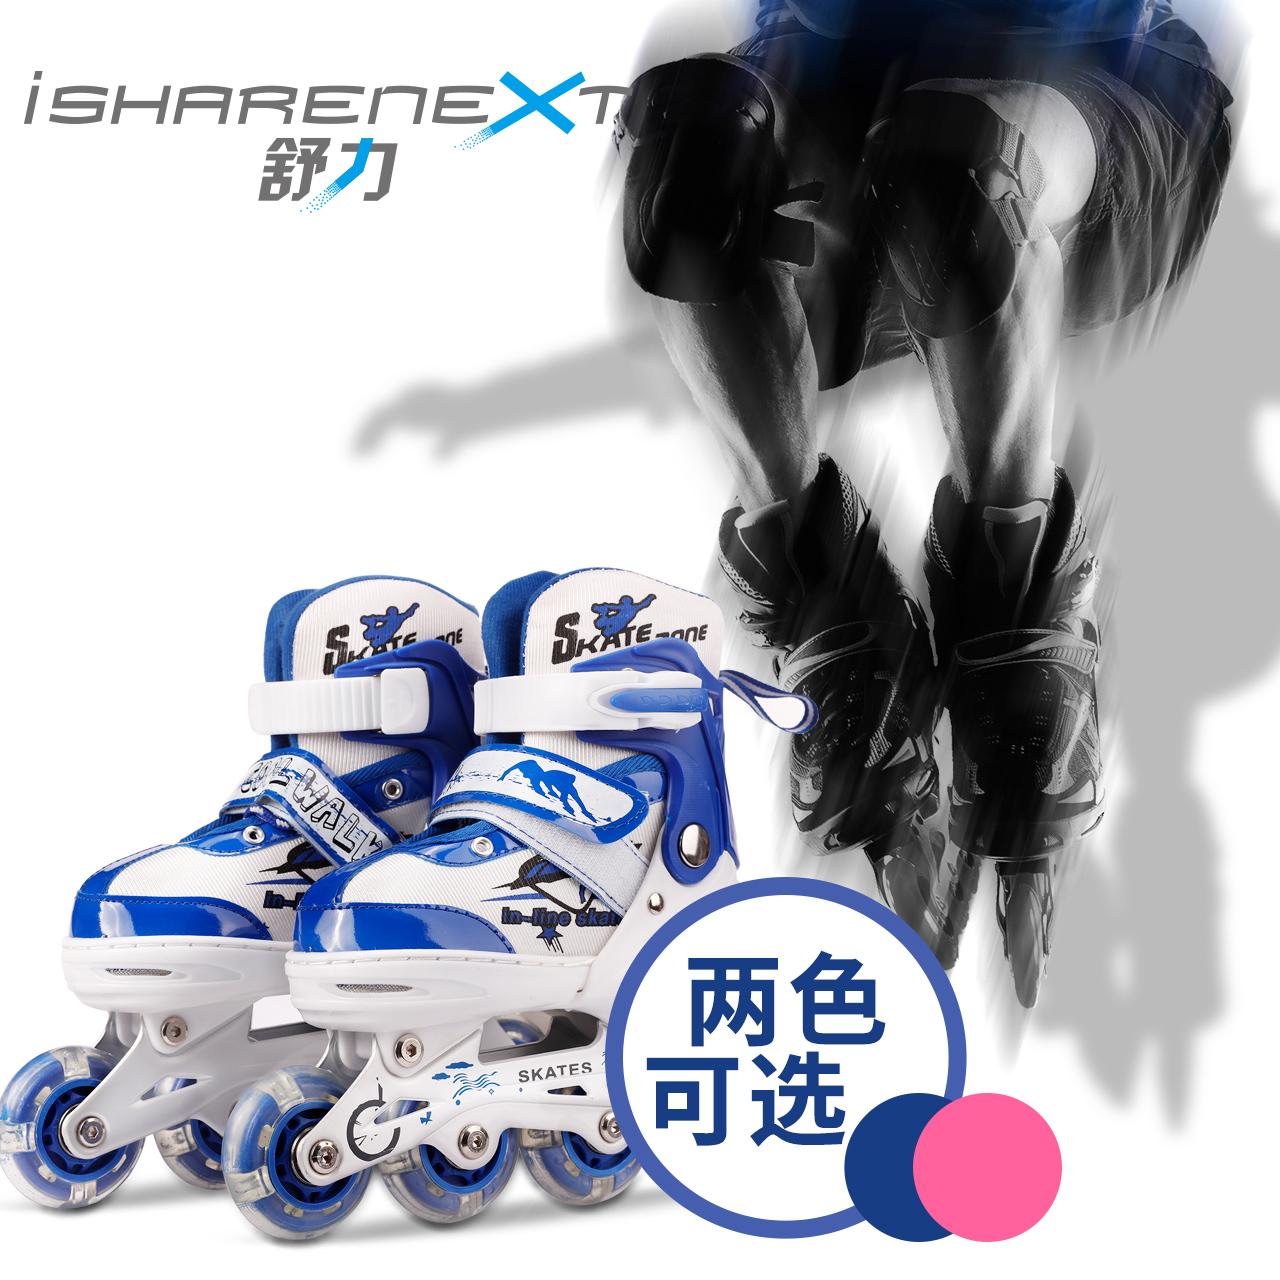 舒力溜冰鞋质量究竟如何